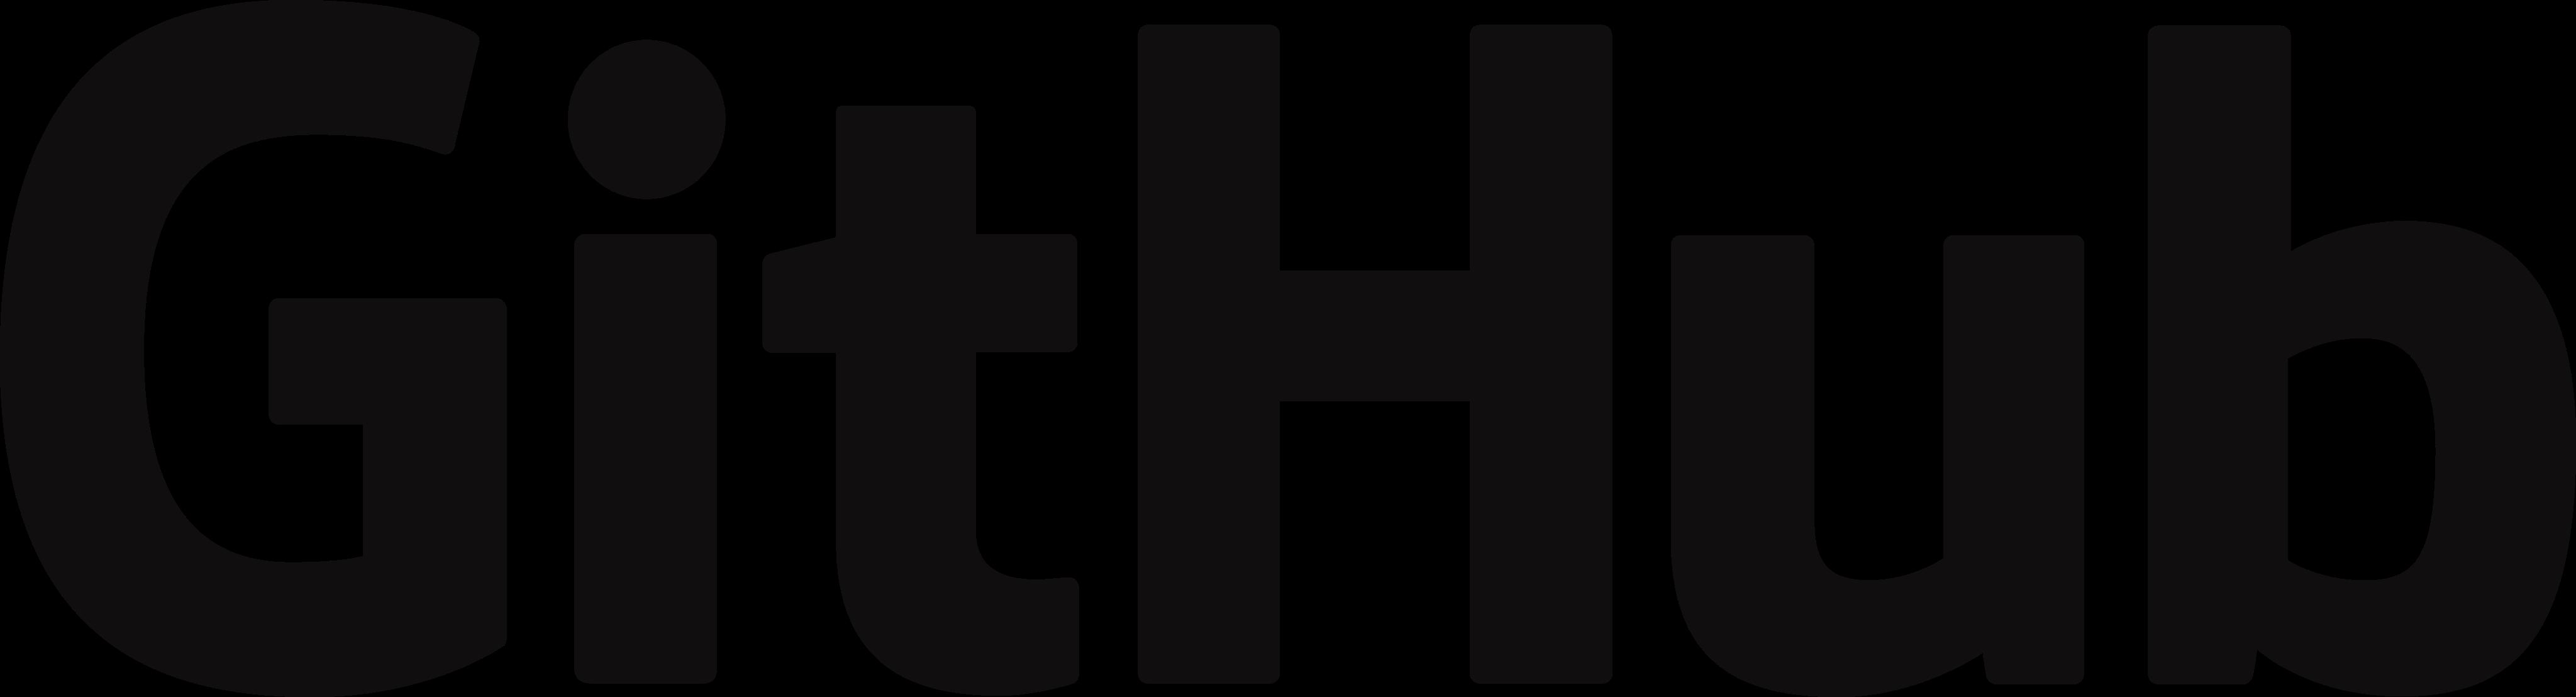 github logo 1 - Github Logo